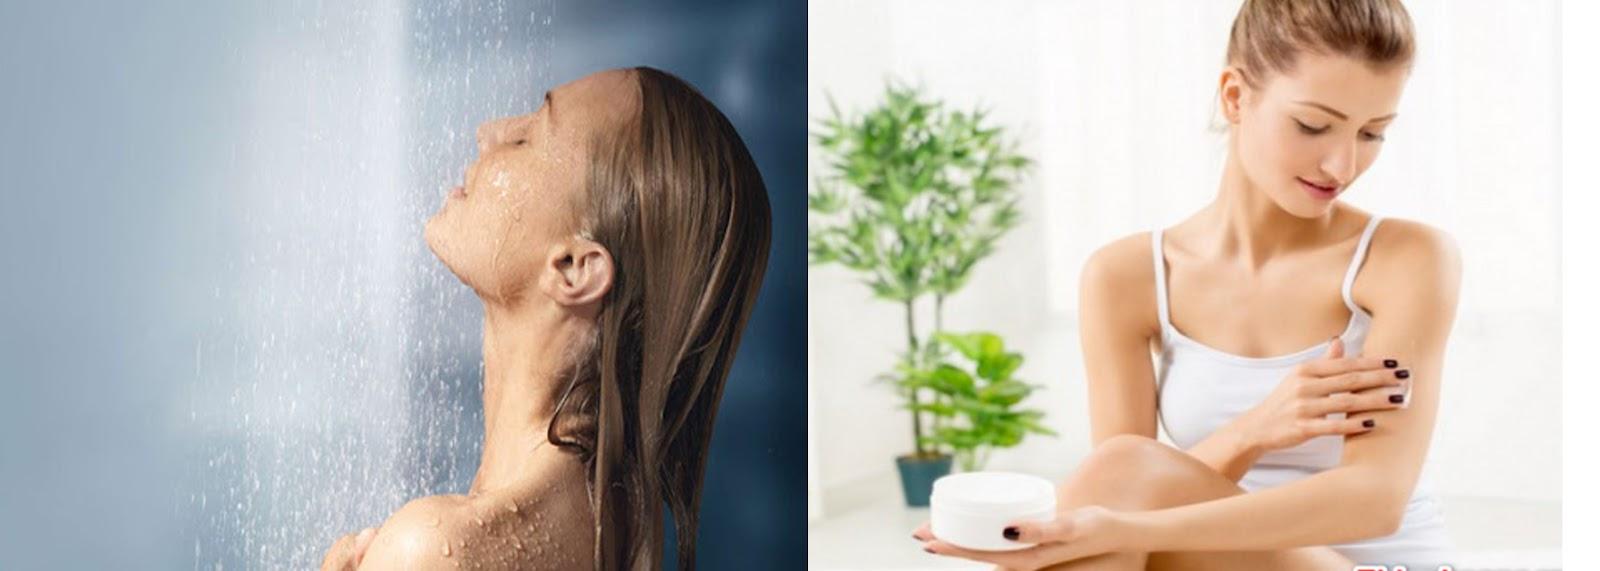 Chăm sóc da khi tắm nước nóng để tránh khô da